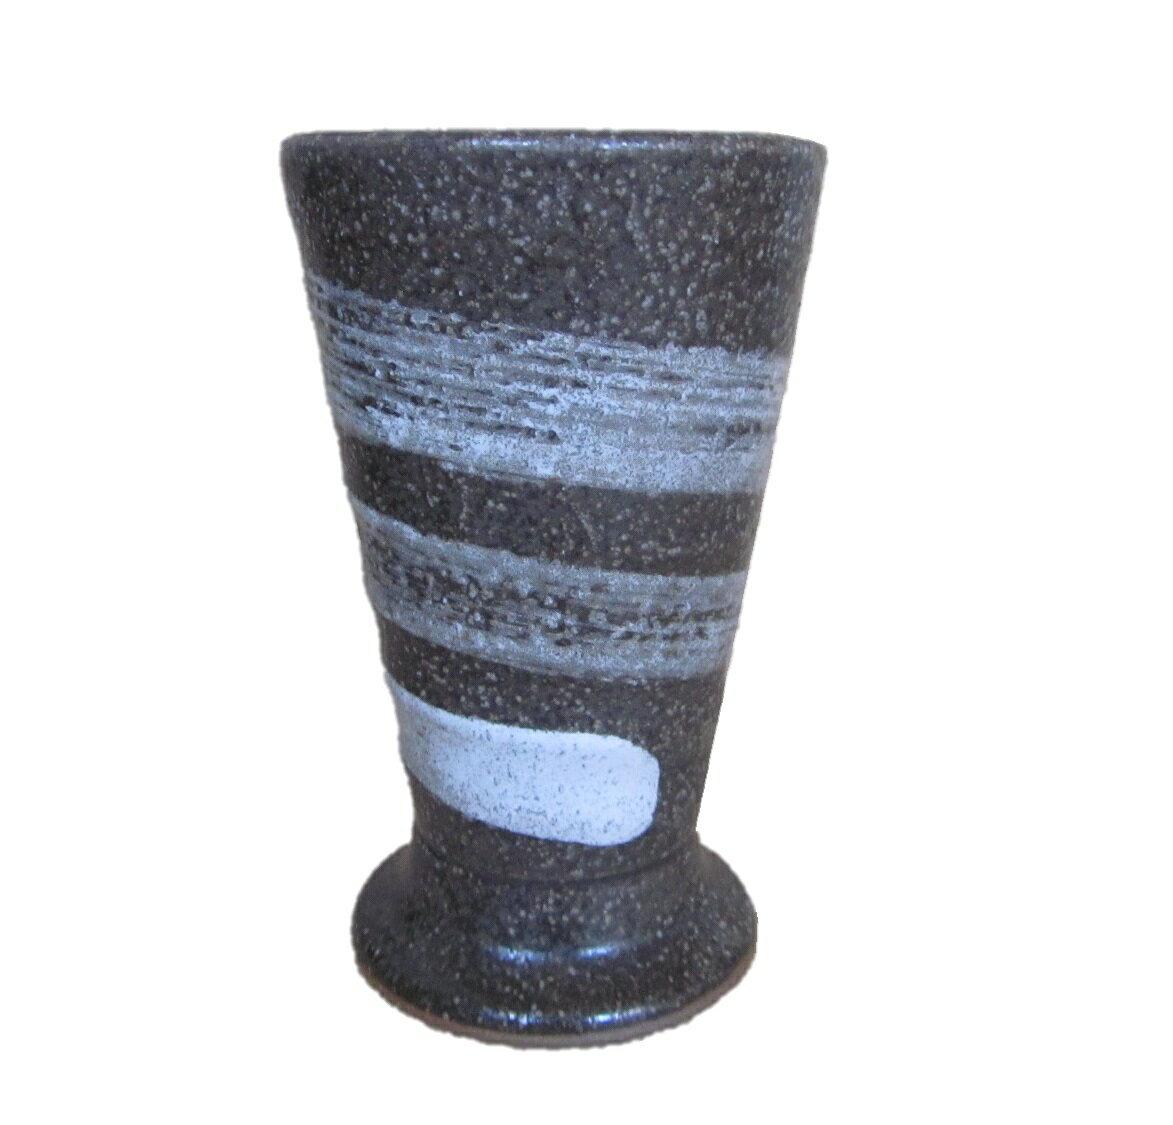 陶器 ビール ビア 酎ハイ ジョッキ グラス 刷毛 白 一筆 大容量 特大 サイズ アウトレット 修理品